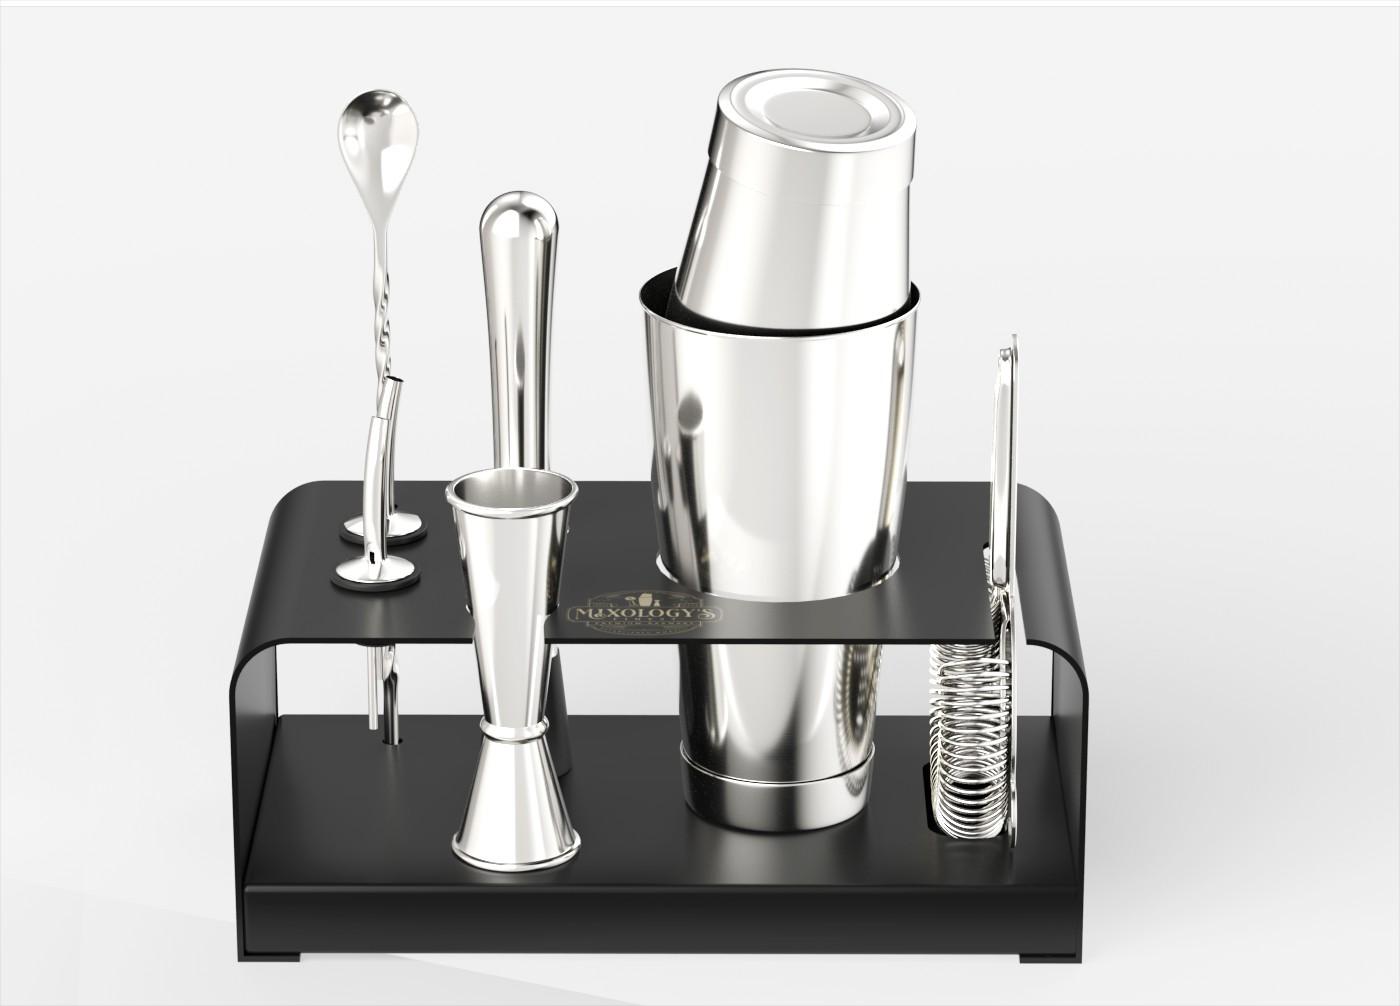 3D Rendering for Premium Barware Company